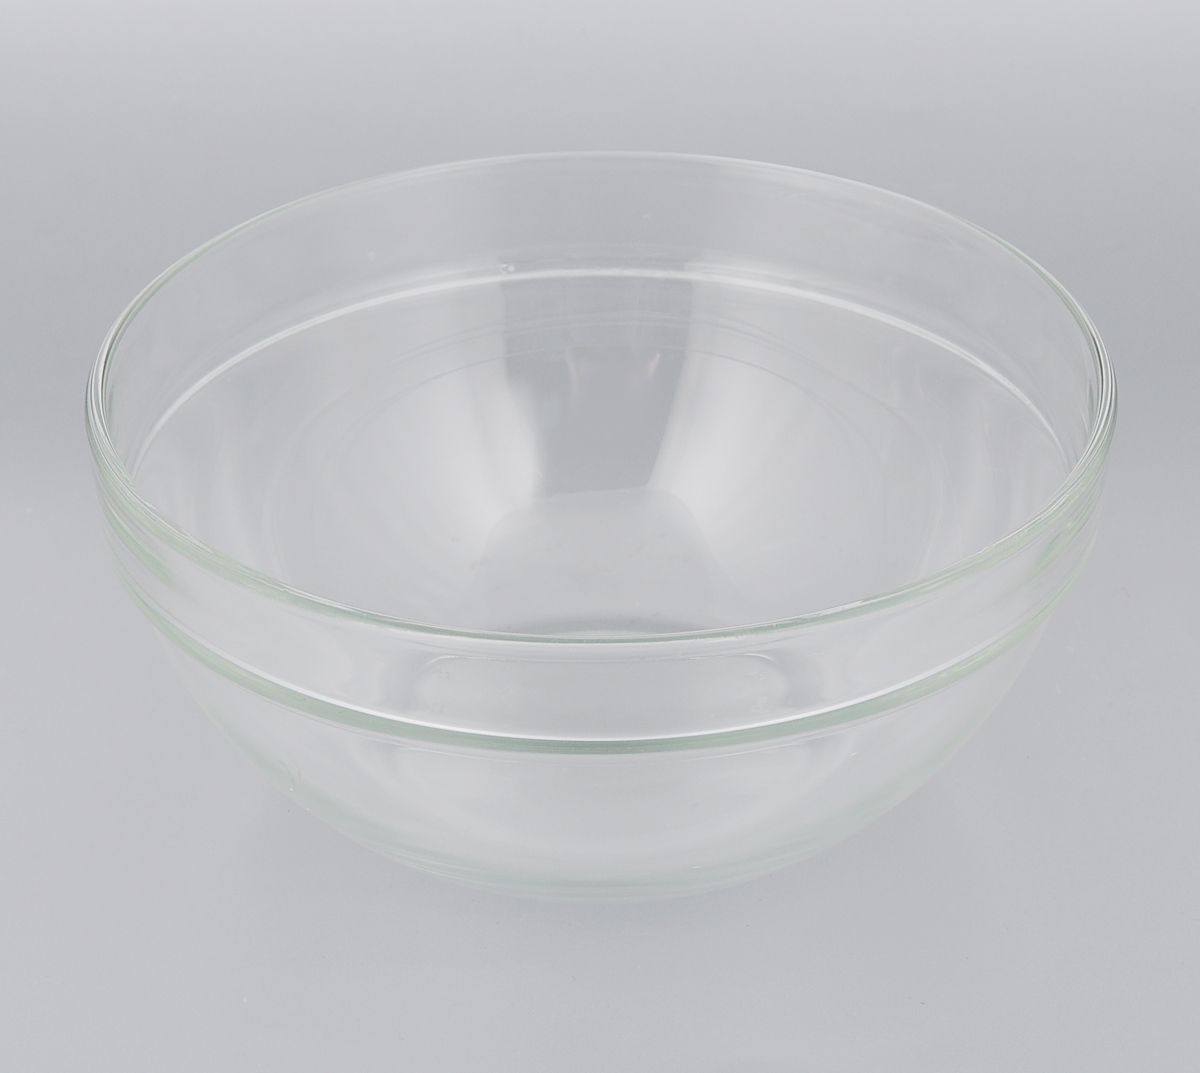 Салатник Luminarc Эмпилабль, диаметр 20 см. 7311273112Салатник Luminarc Эмпилабль выполнен изударопрочного стекла. Изделие придется по вкусу иценителям классики,и тем, кто предпочитает утонченность иизысканность.Салатник Luminarc Эмпилабль идеально подойдетдля сервировкистола и станет отличным подарком к любомупразднику. Диаметр (по верхнему краю): 20 см.